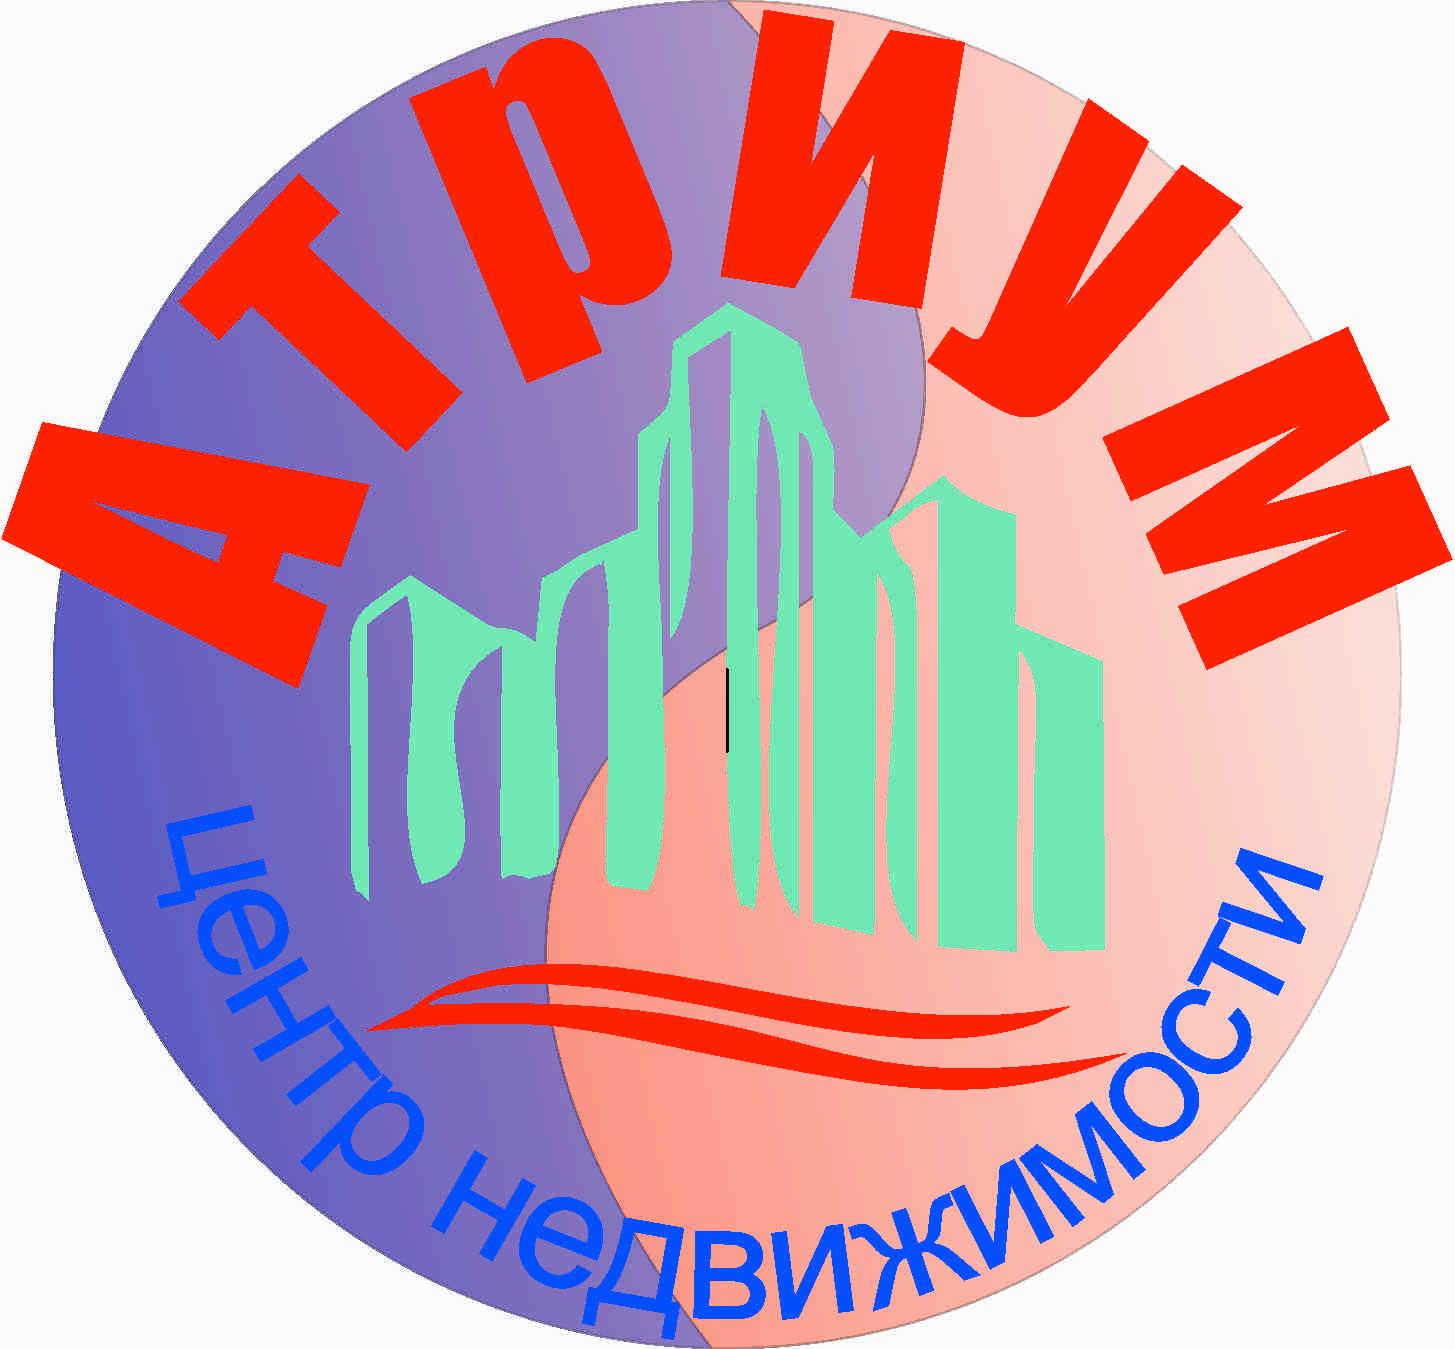 Редизайн / модернизация логотипа Центра недвижимости фото f_2085bc88e179bda2.jpg